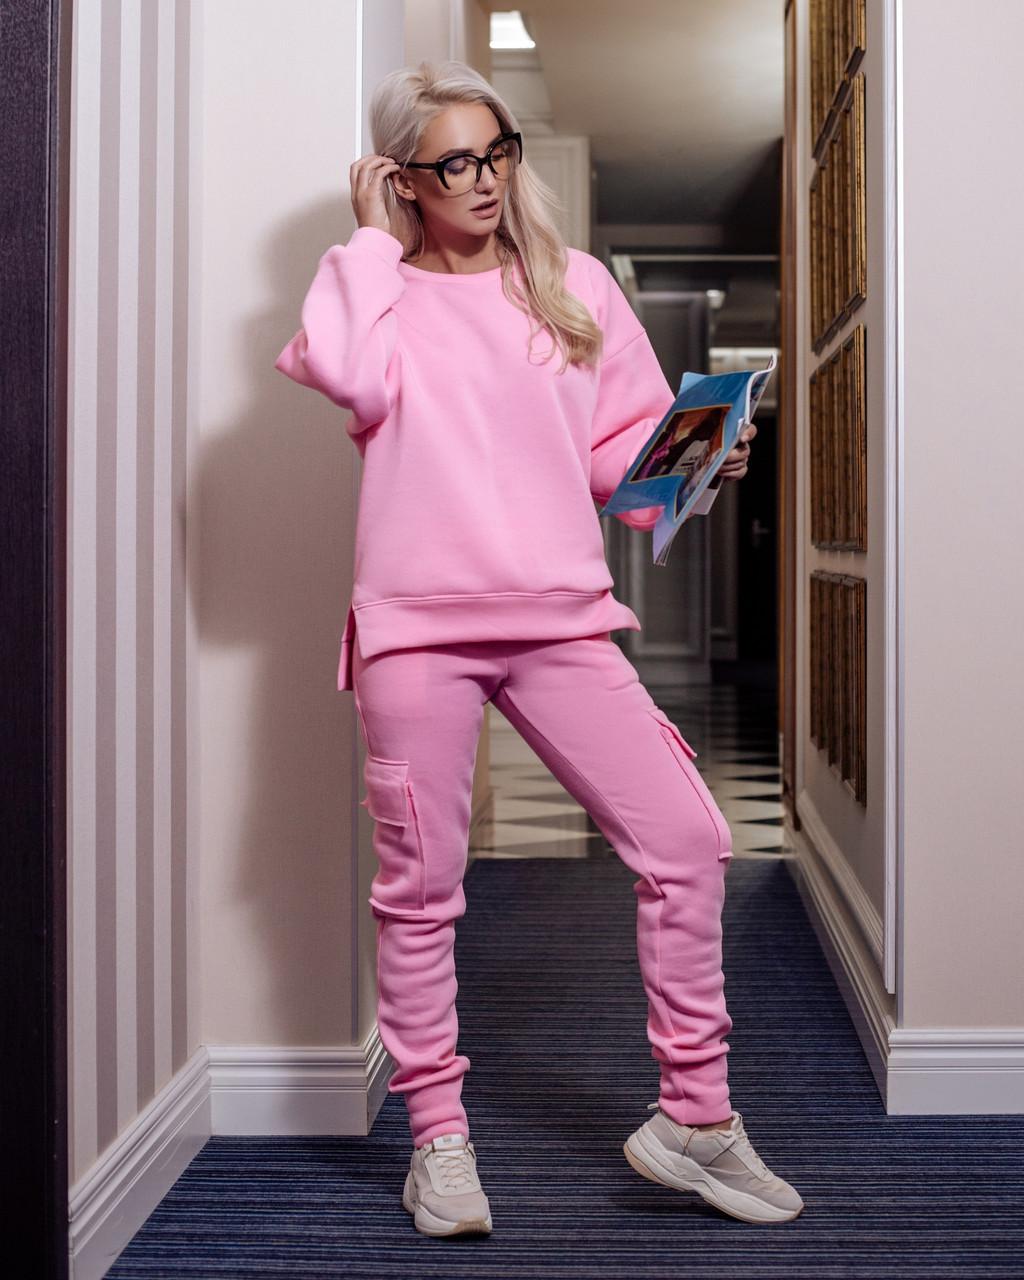 86293c42 Спортивный женский костюм из трехнитки на флисе 2005539 - Интернет-магазин  одежды